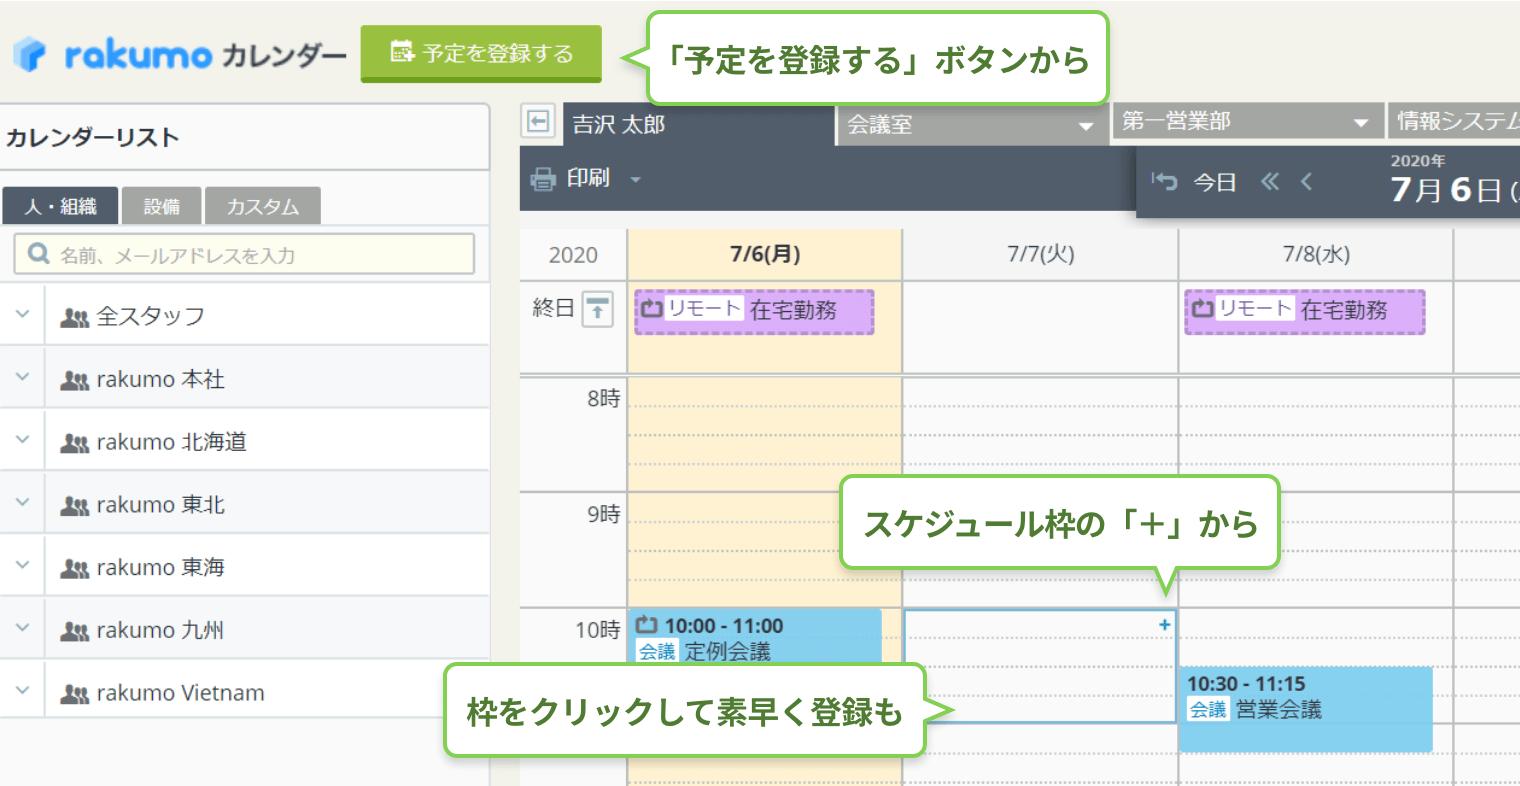 rakumo カレンダー トップからの予定登録